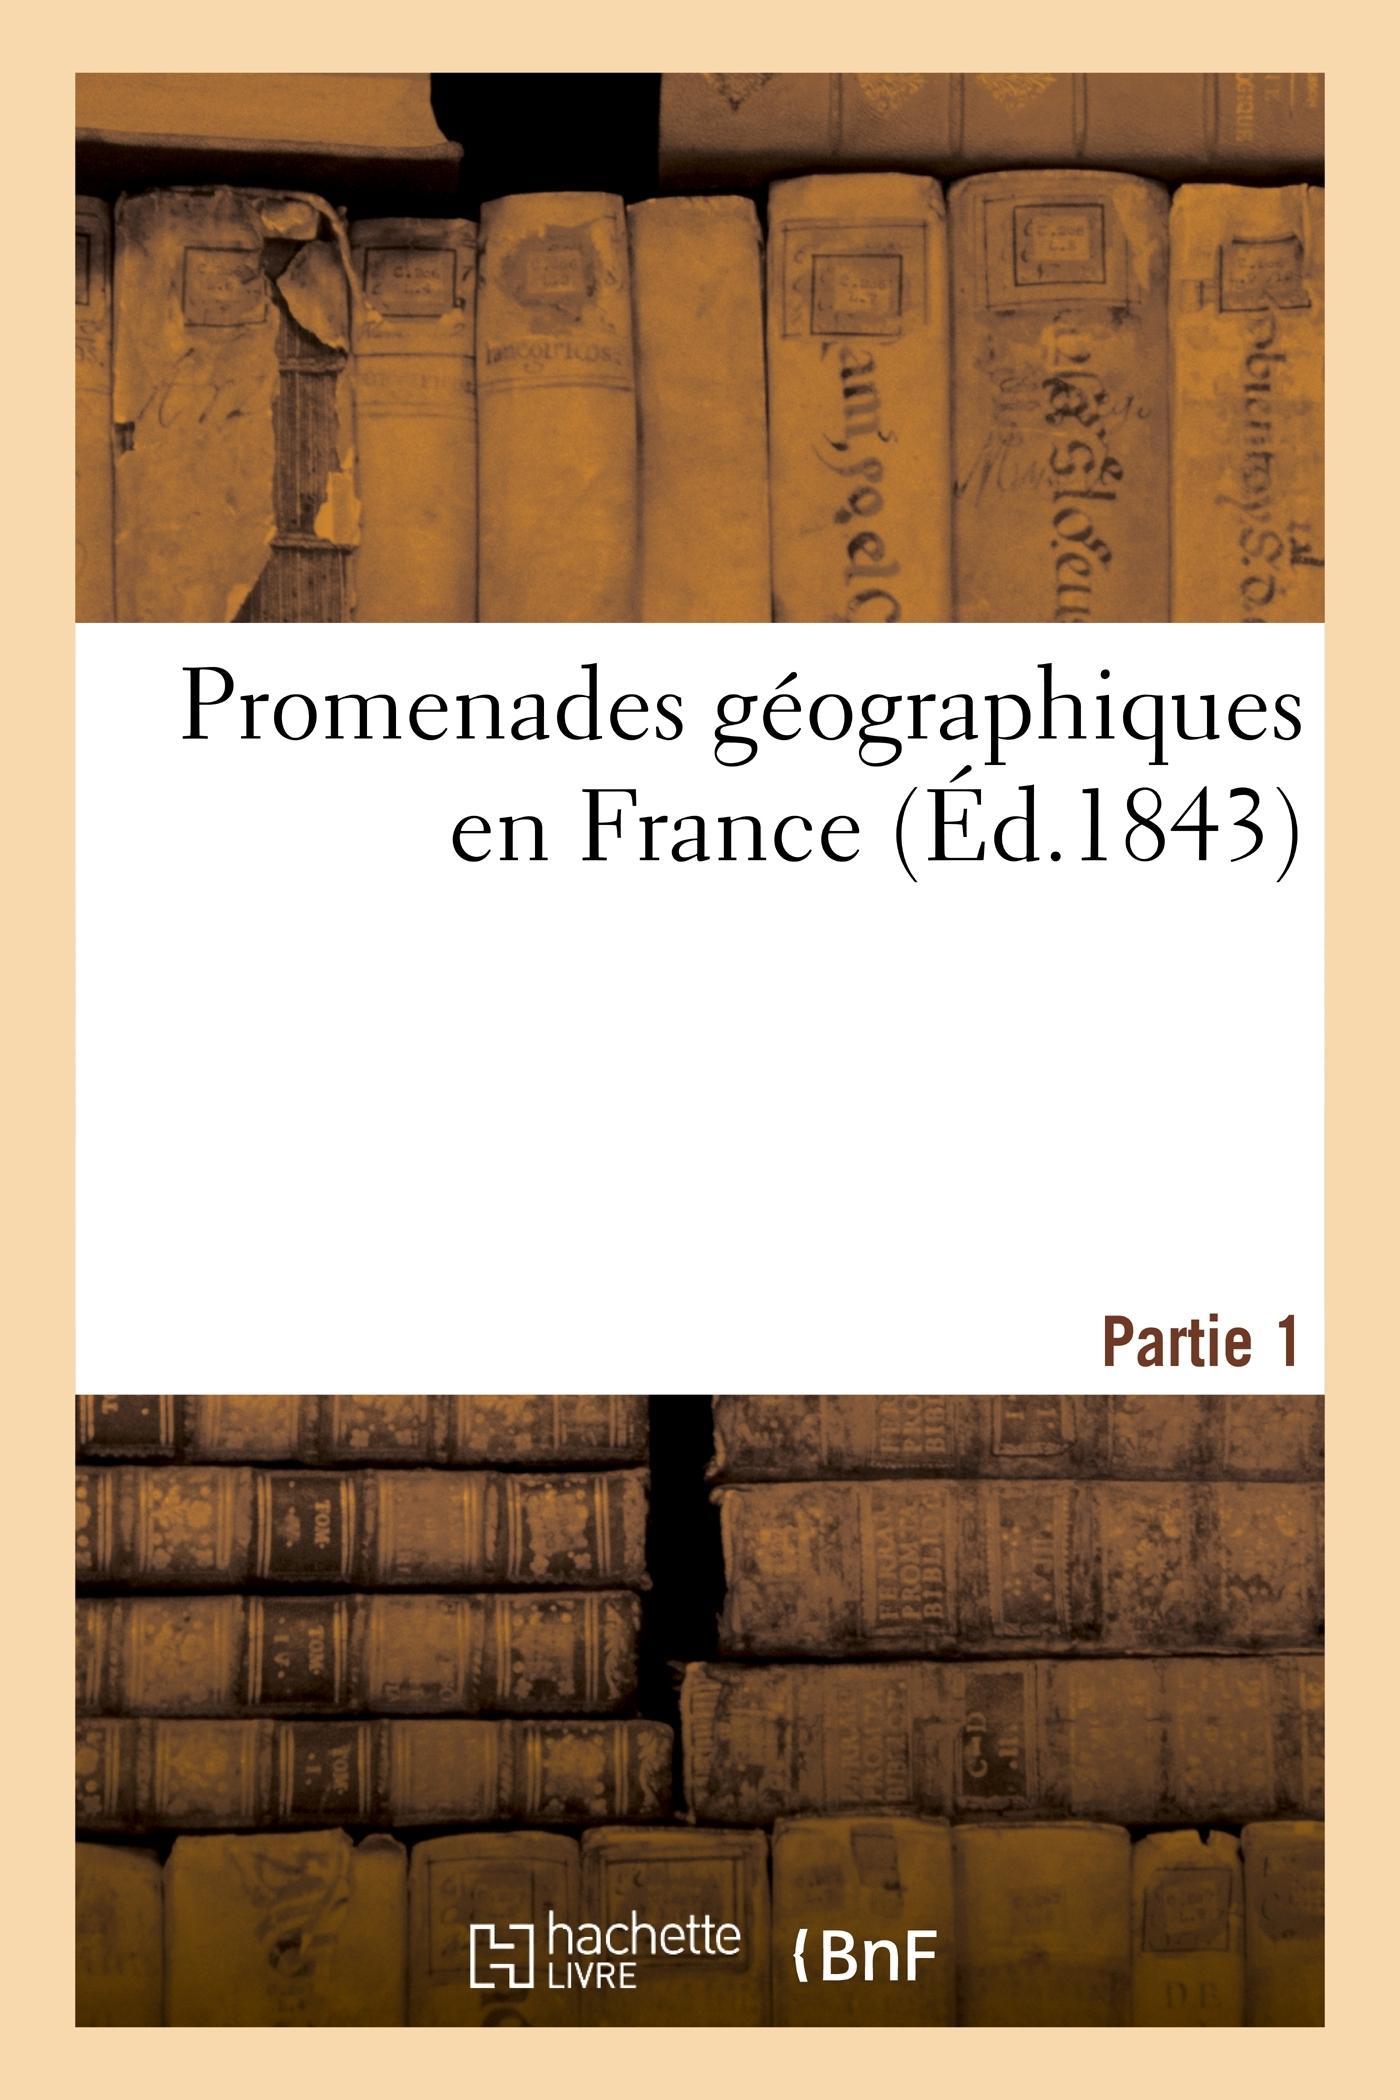 PROMENADES GEOGRAPHIQUES EN FRANCE. PARTIE 1